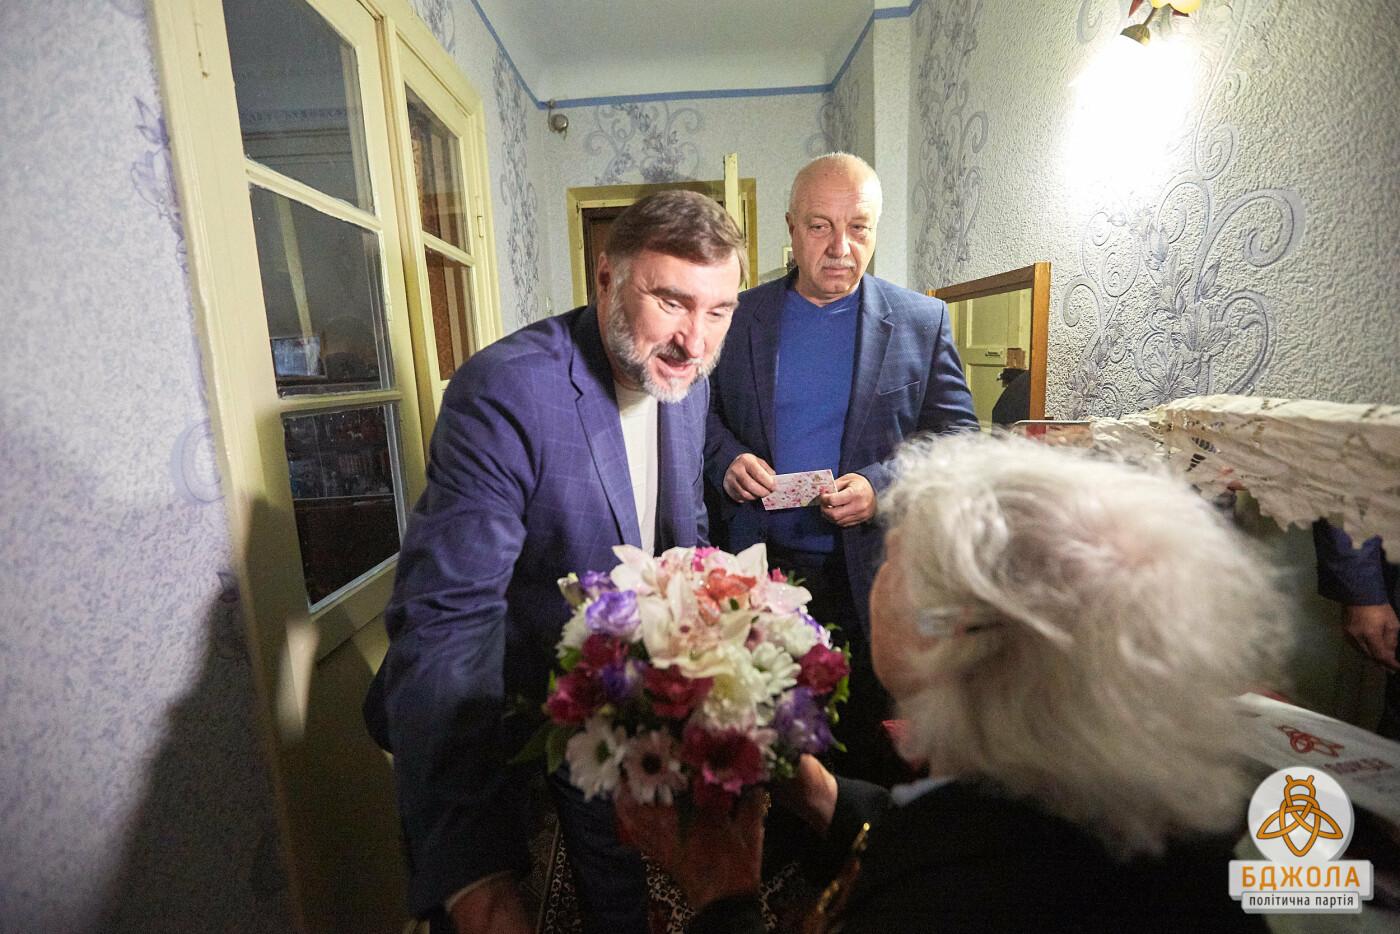 Партия «Бджола» поздравила ветеранов Каменского с 76-й годовщиной освобождения города, фото-2